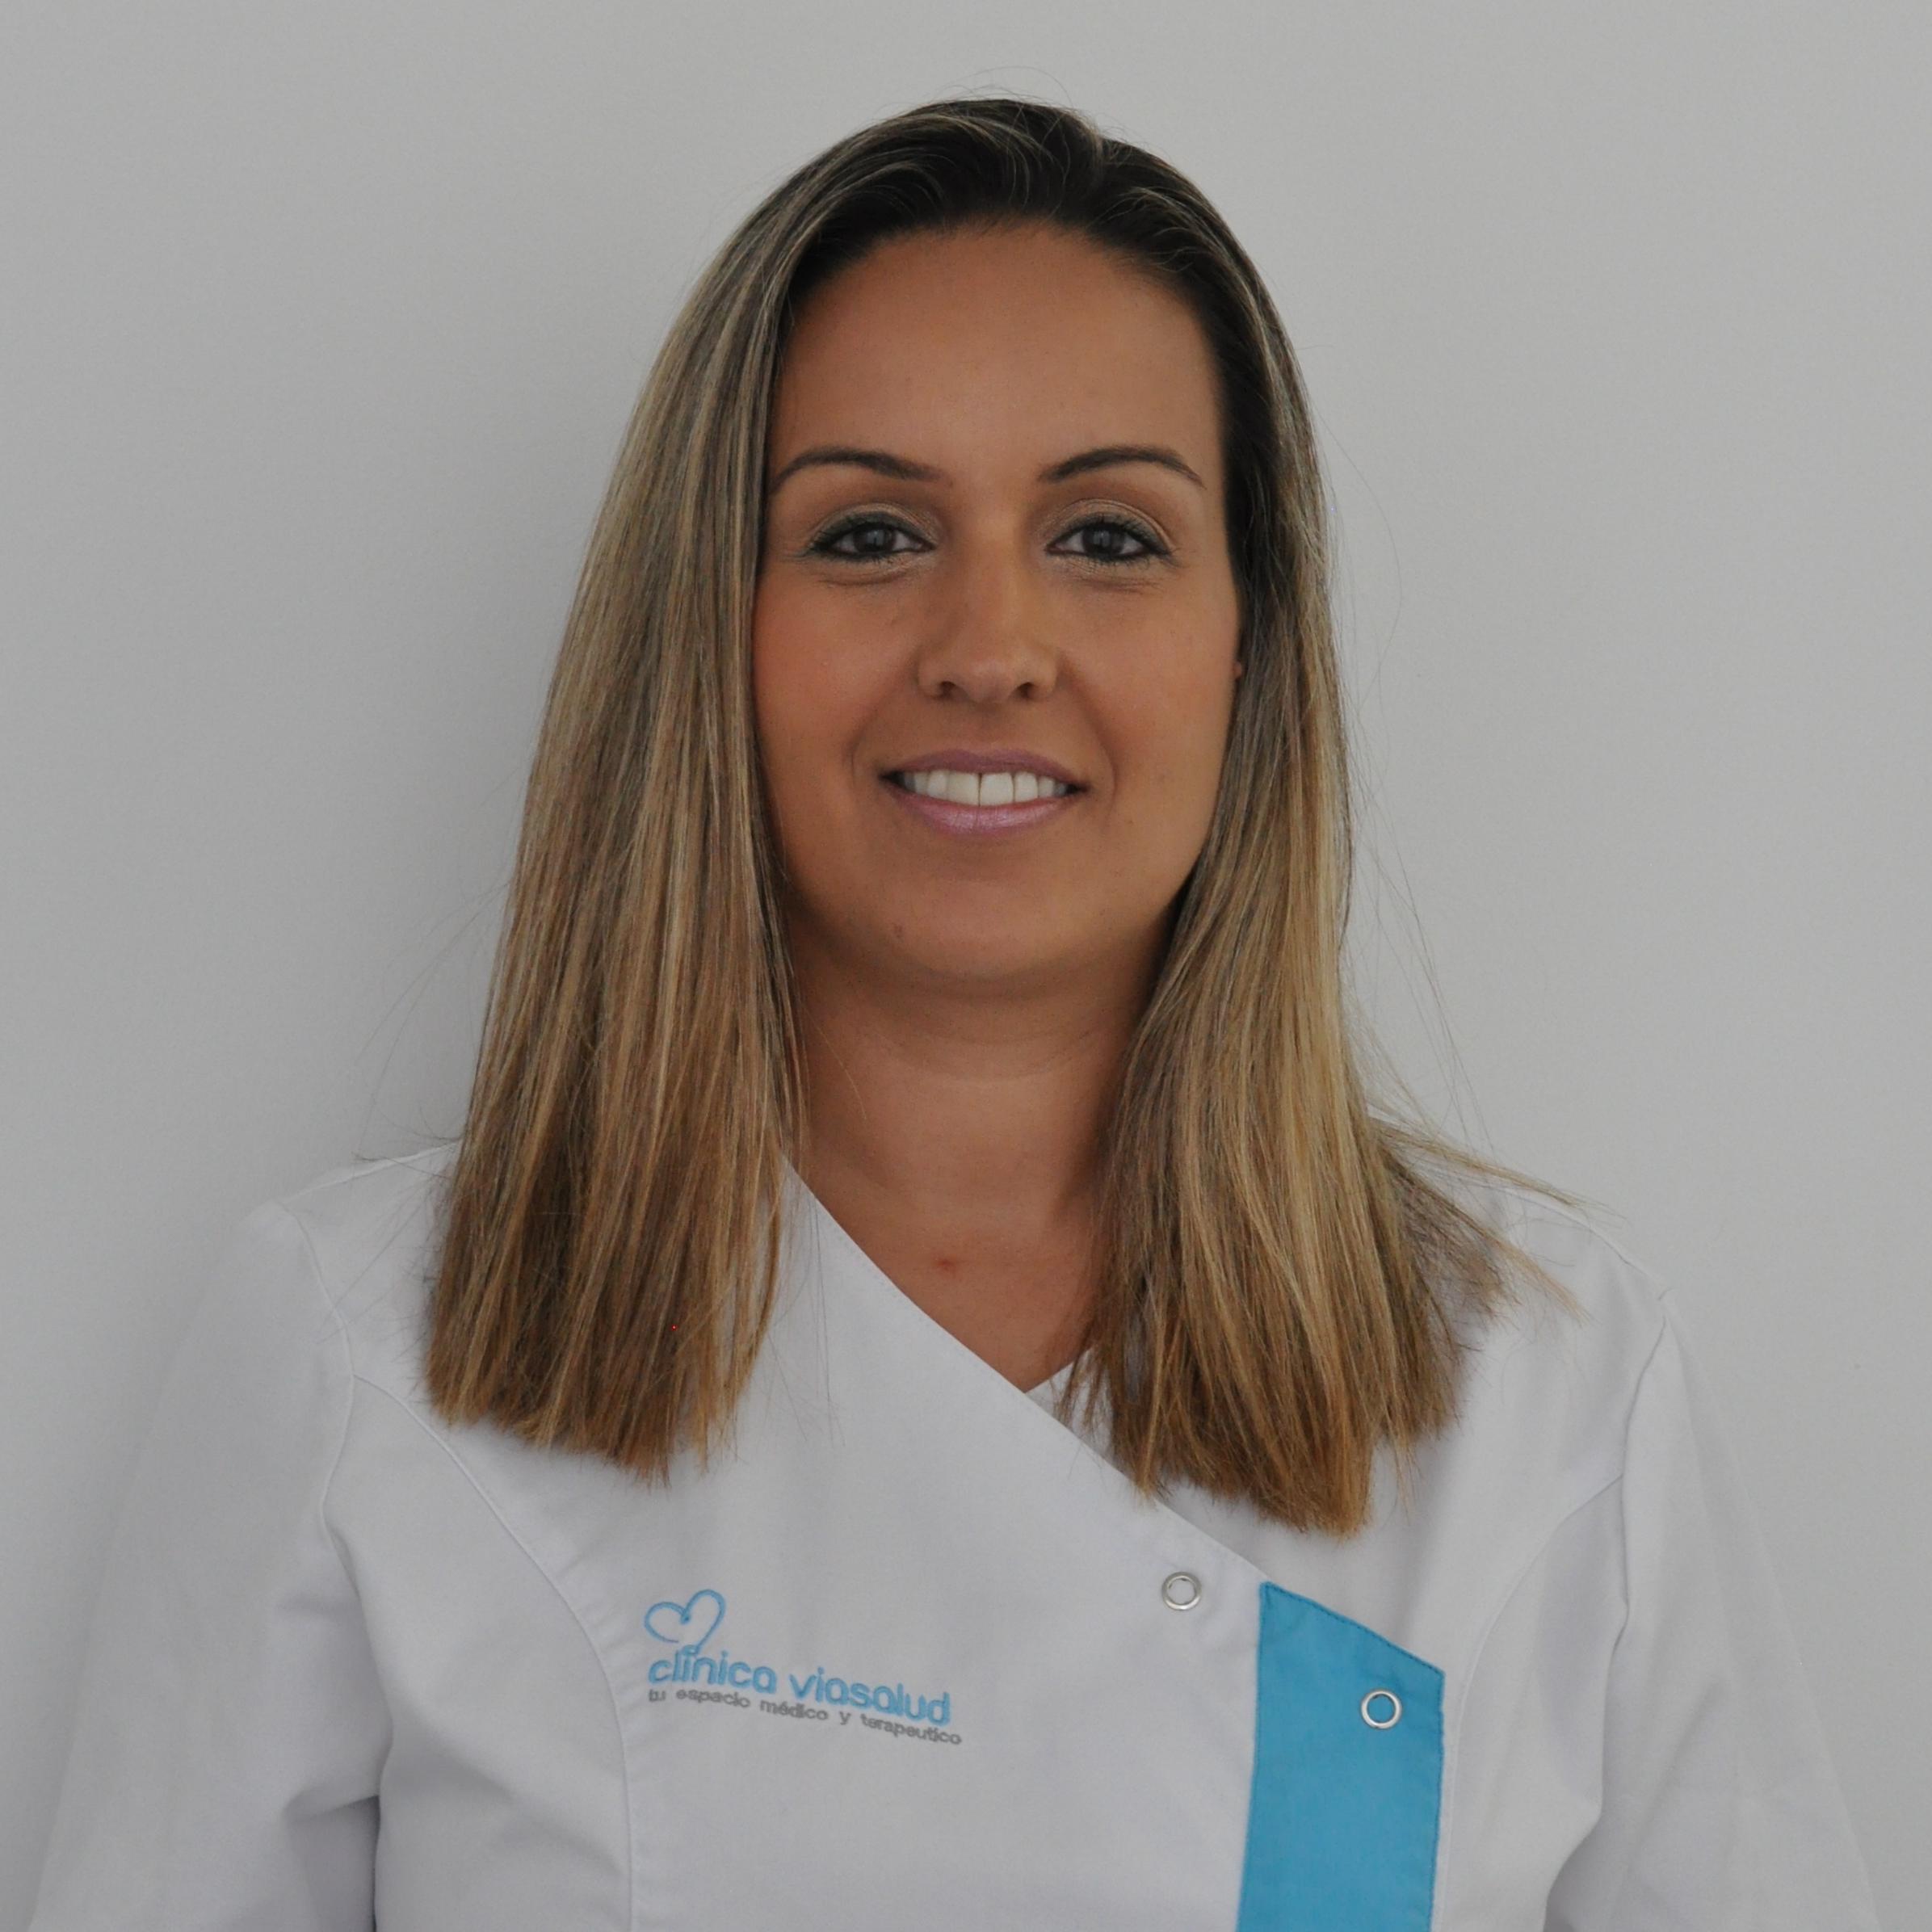 Sara Clínica Viasalud